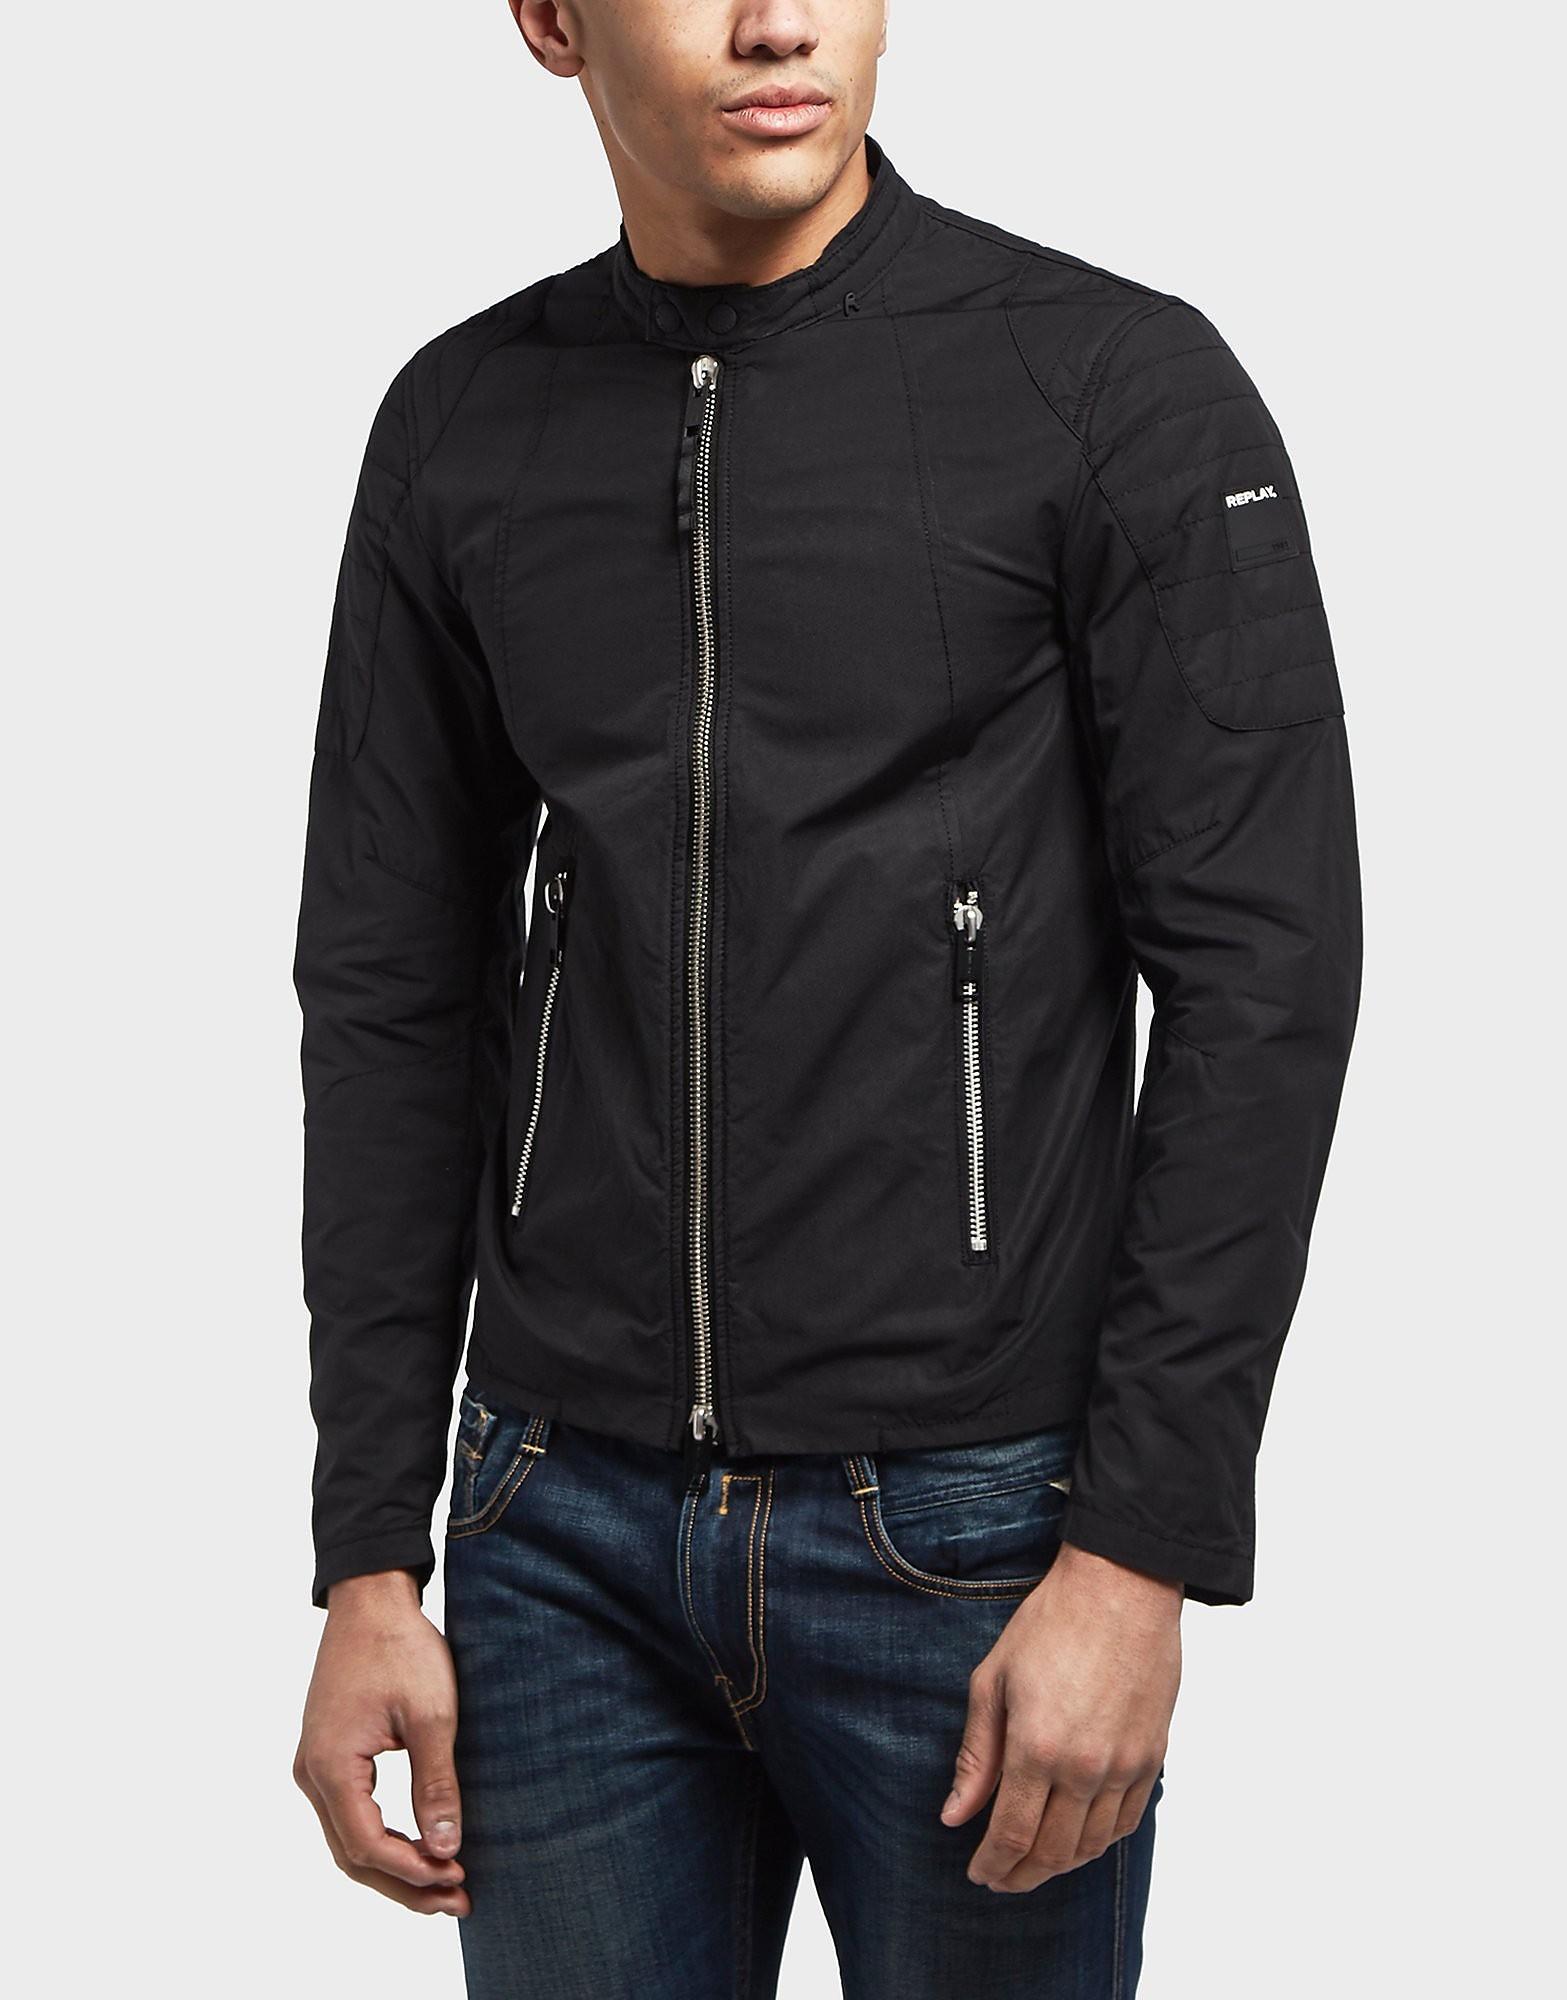 Replay Lightweight Biker Jacket